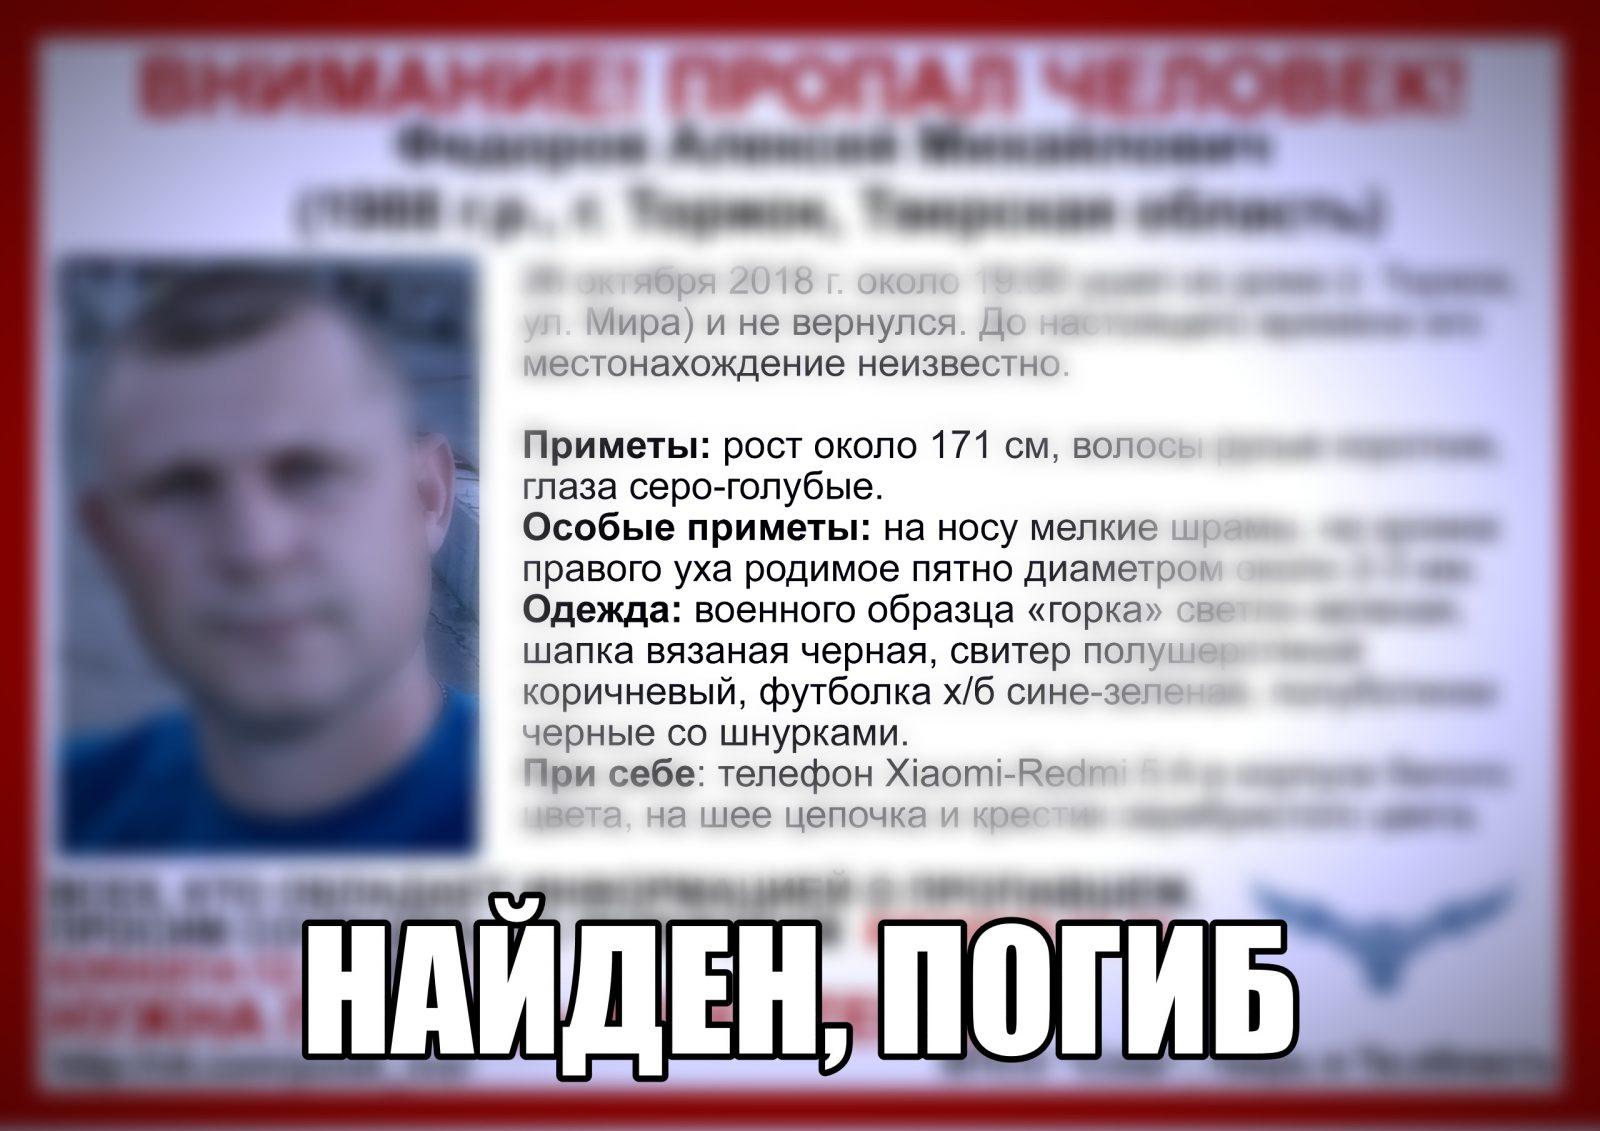 [Погиб] Пропал Федоров Алексей Михайлович (1988 г.р.)